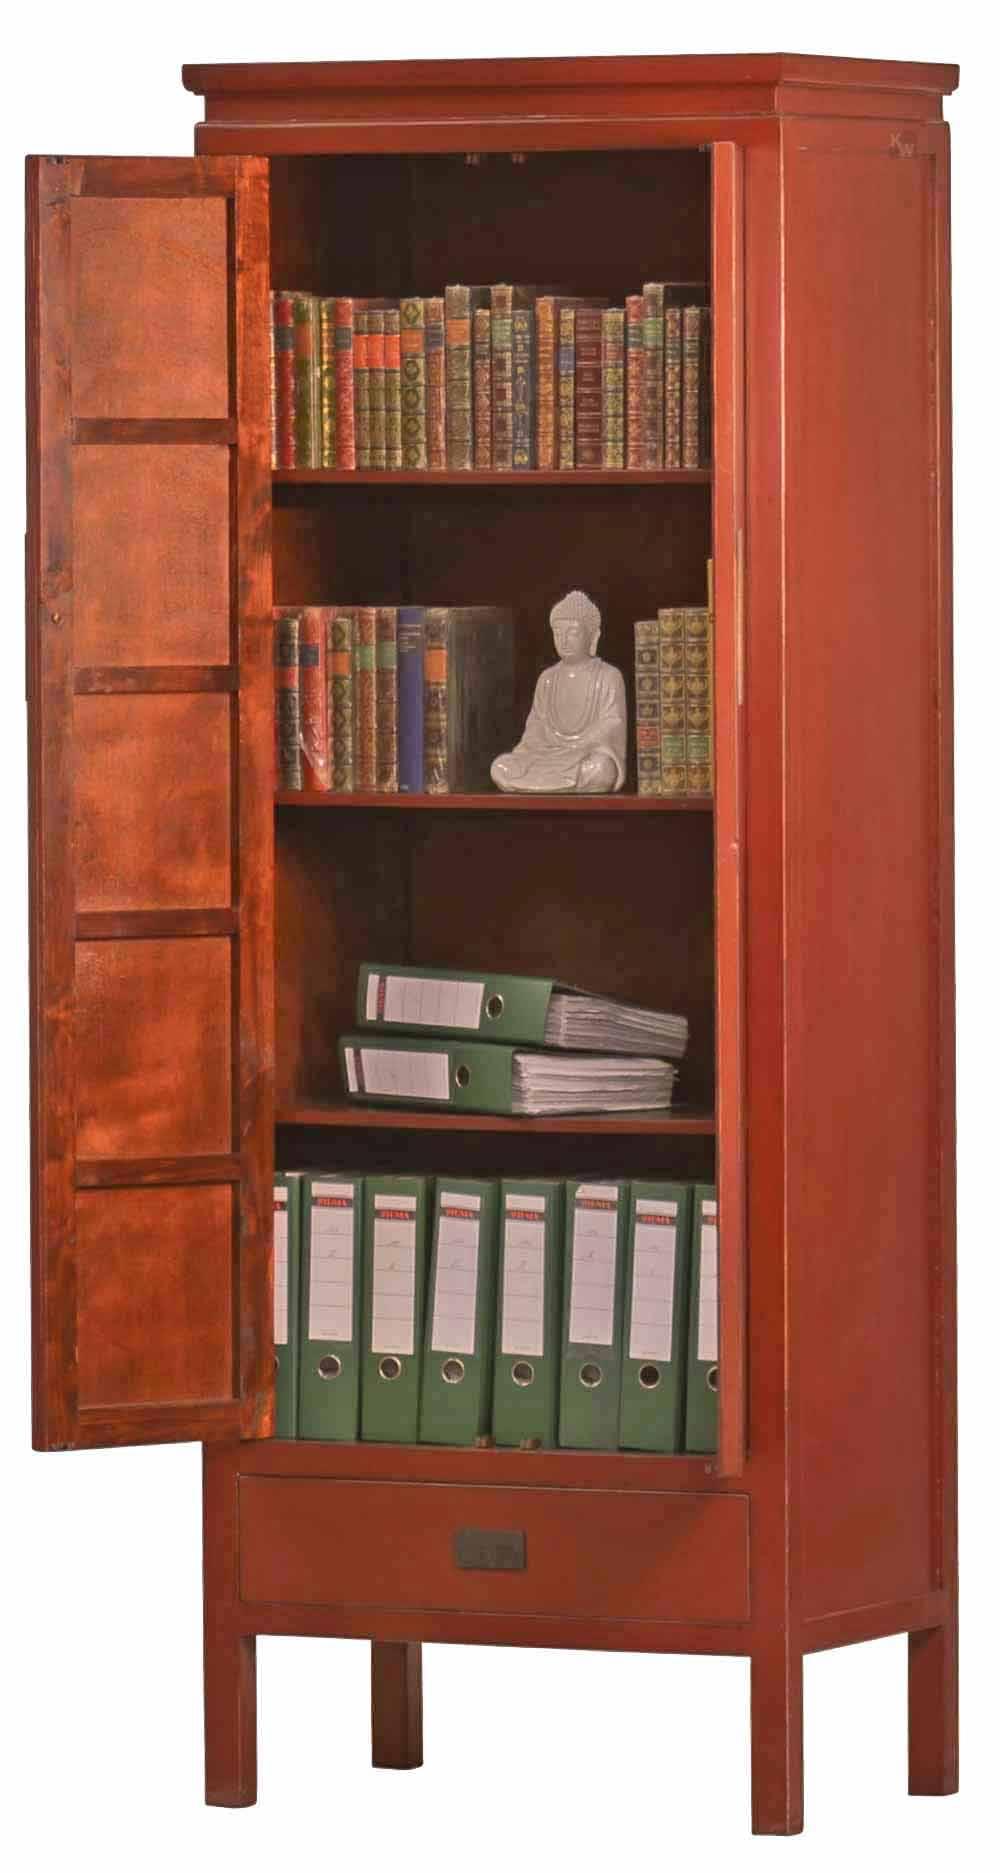 schrank f r aktenordner in rot asiatika von kai. Black Bedroom Furniture Sets. Home Design Ideas